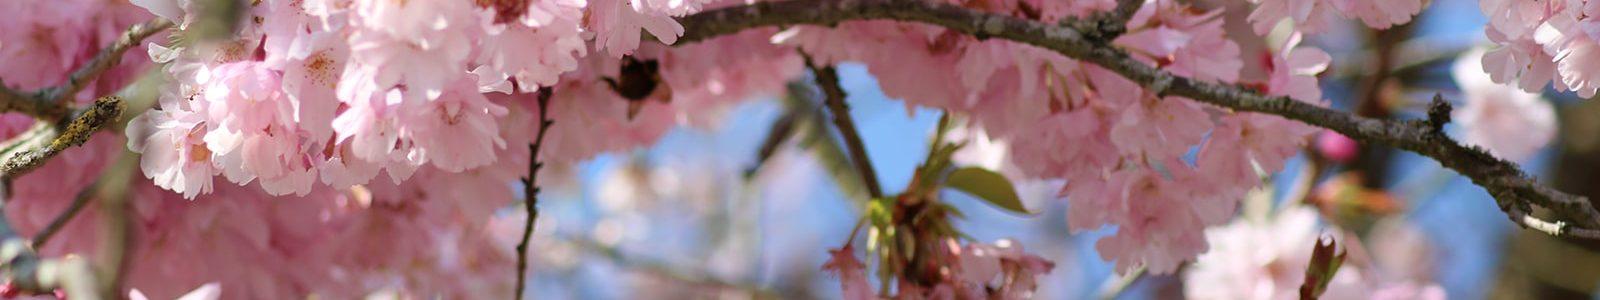 Cerisiers en fleurs à Giverny © Ophélie Petit